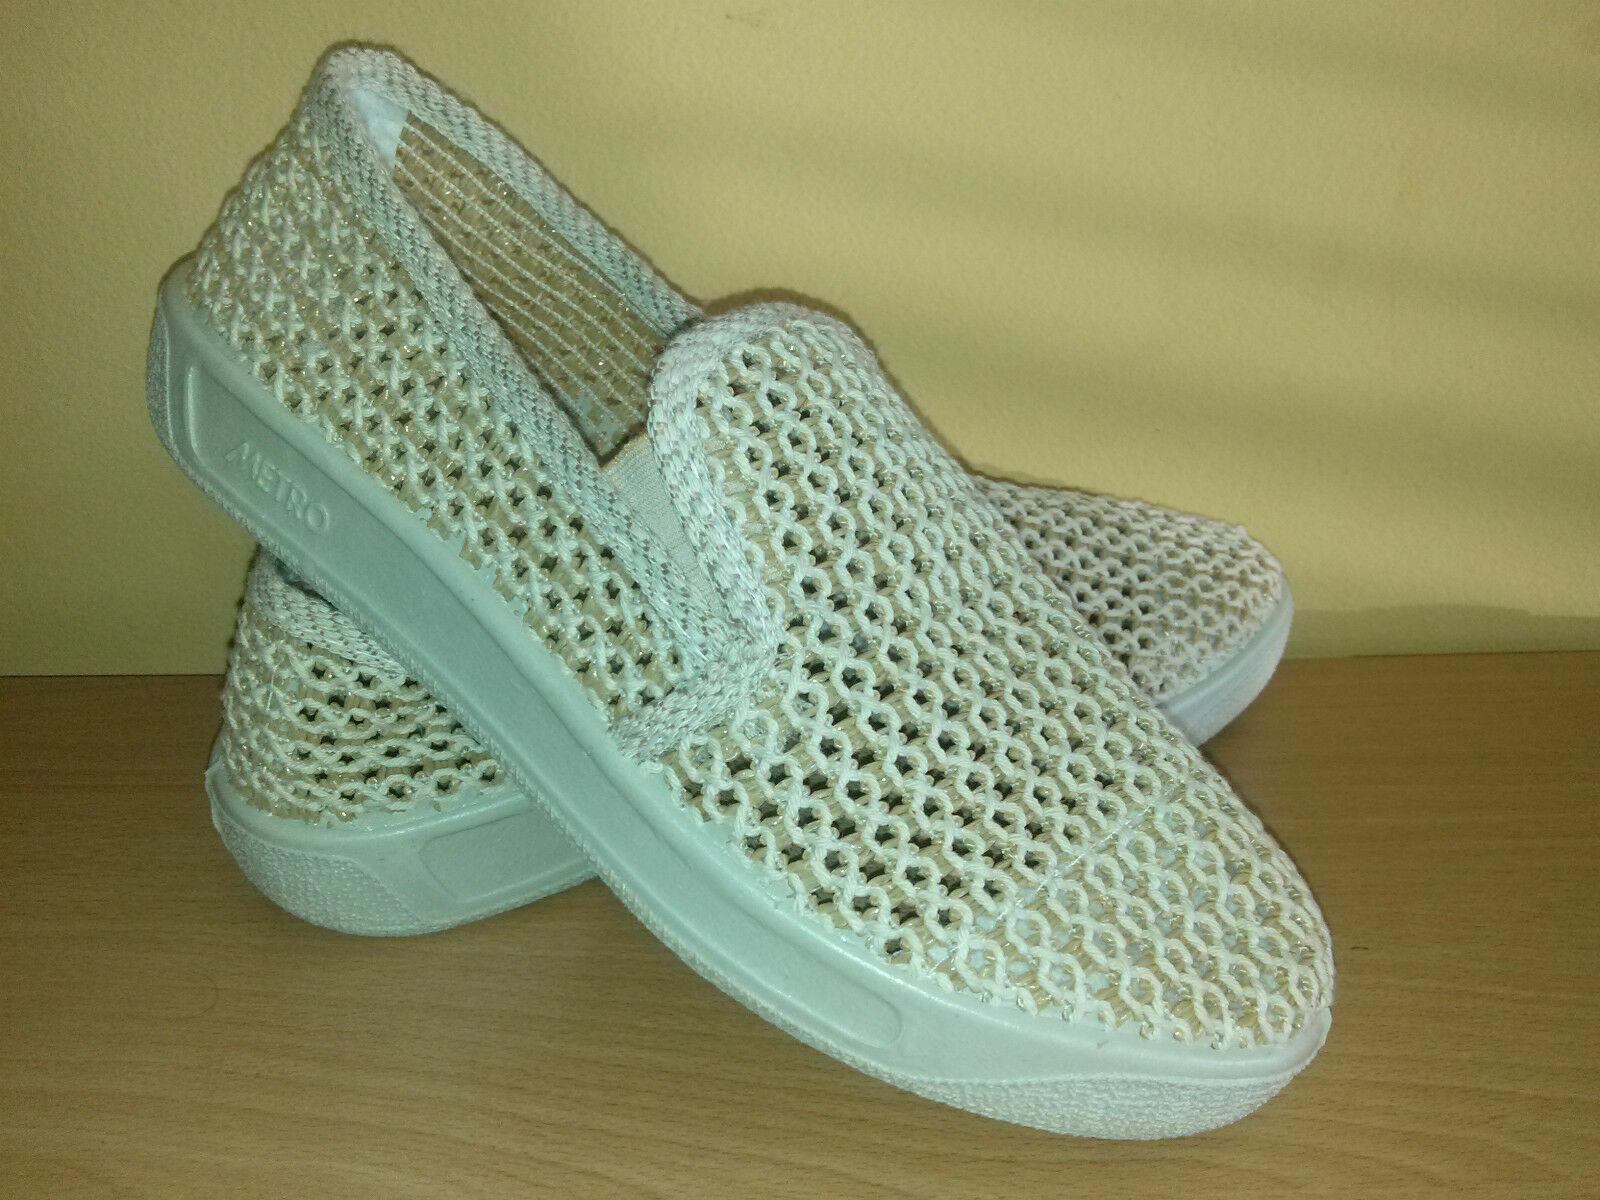 BRAND NEW Men's Mesh Slip On Summer shoes sizes-7.5,8